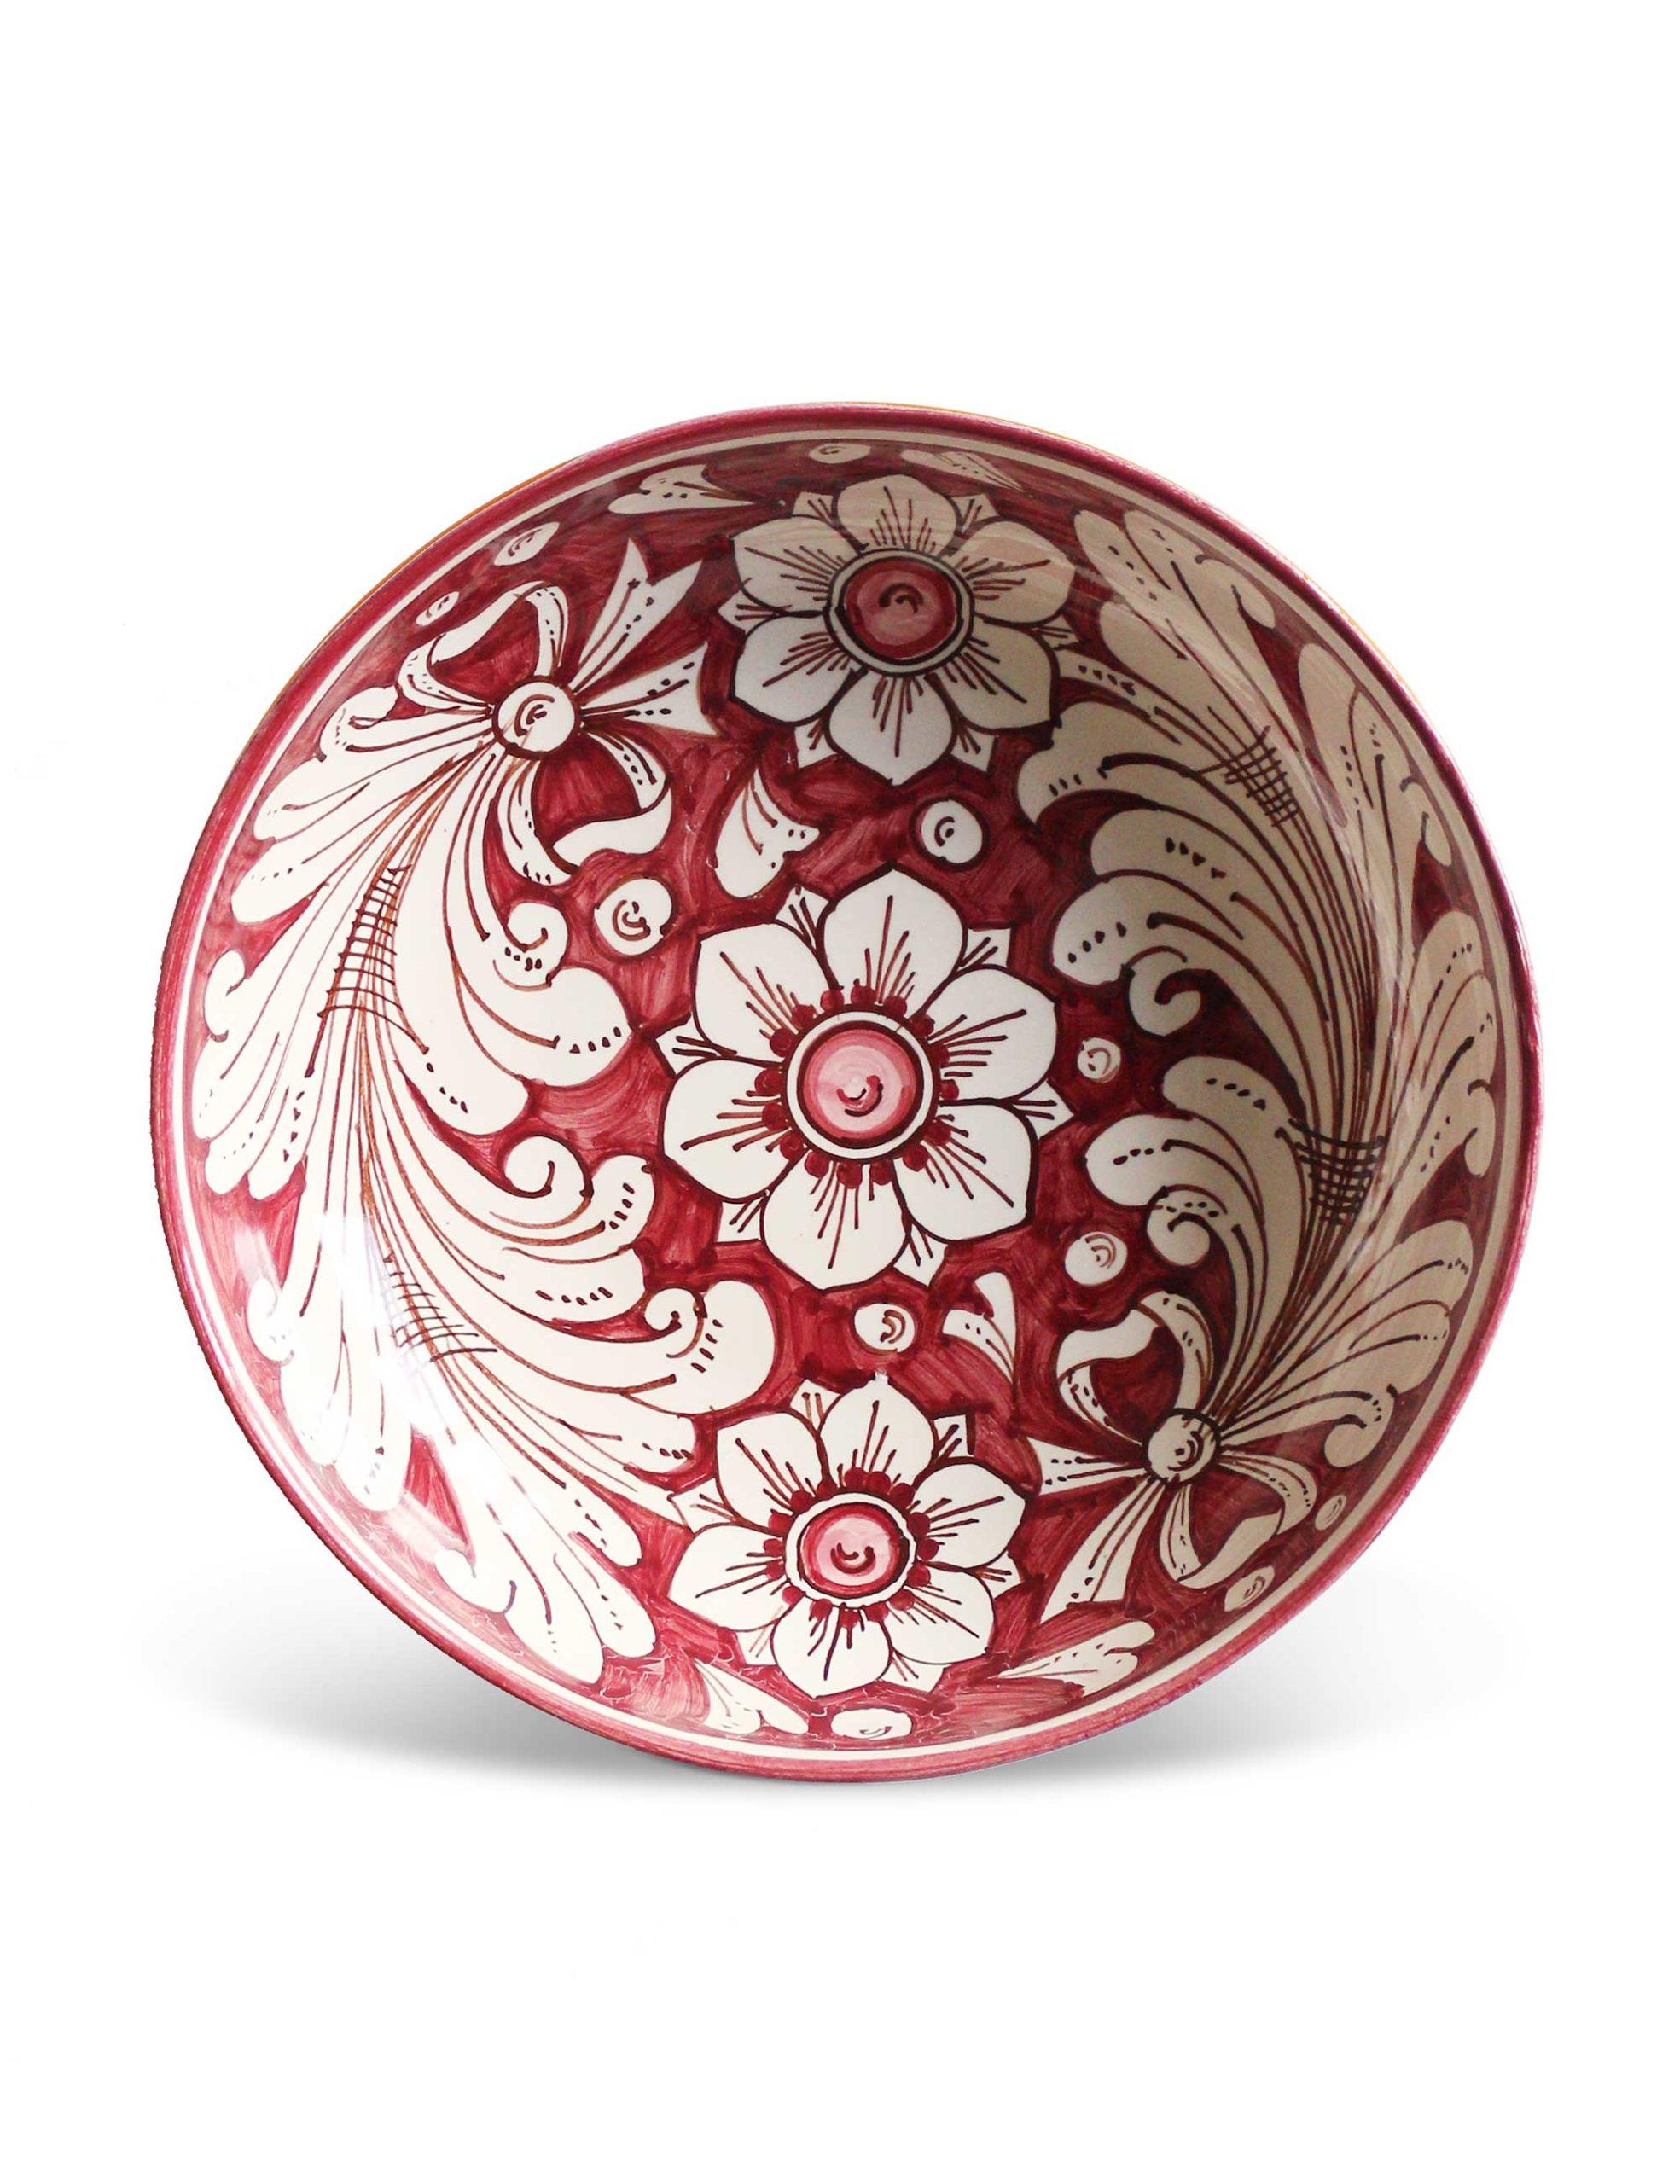 Piatti decorati Marzapane in ceramica di Caltagirone rosa antico